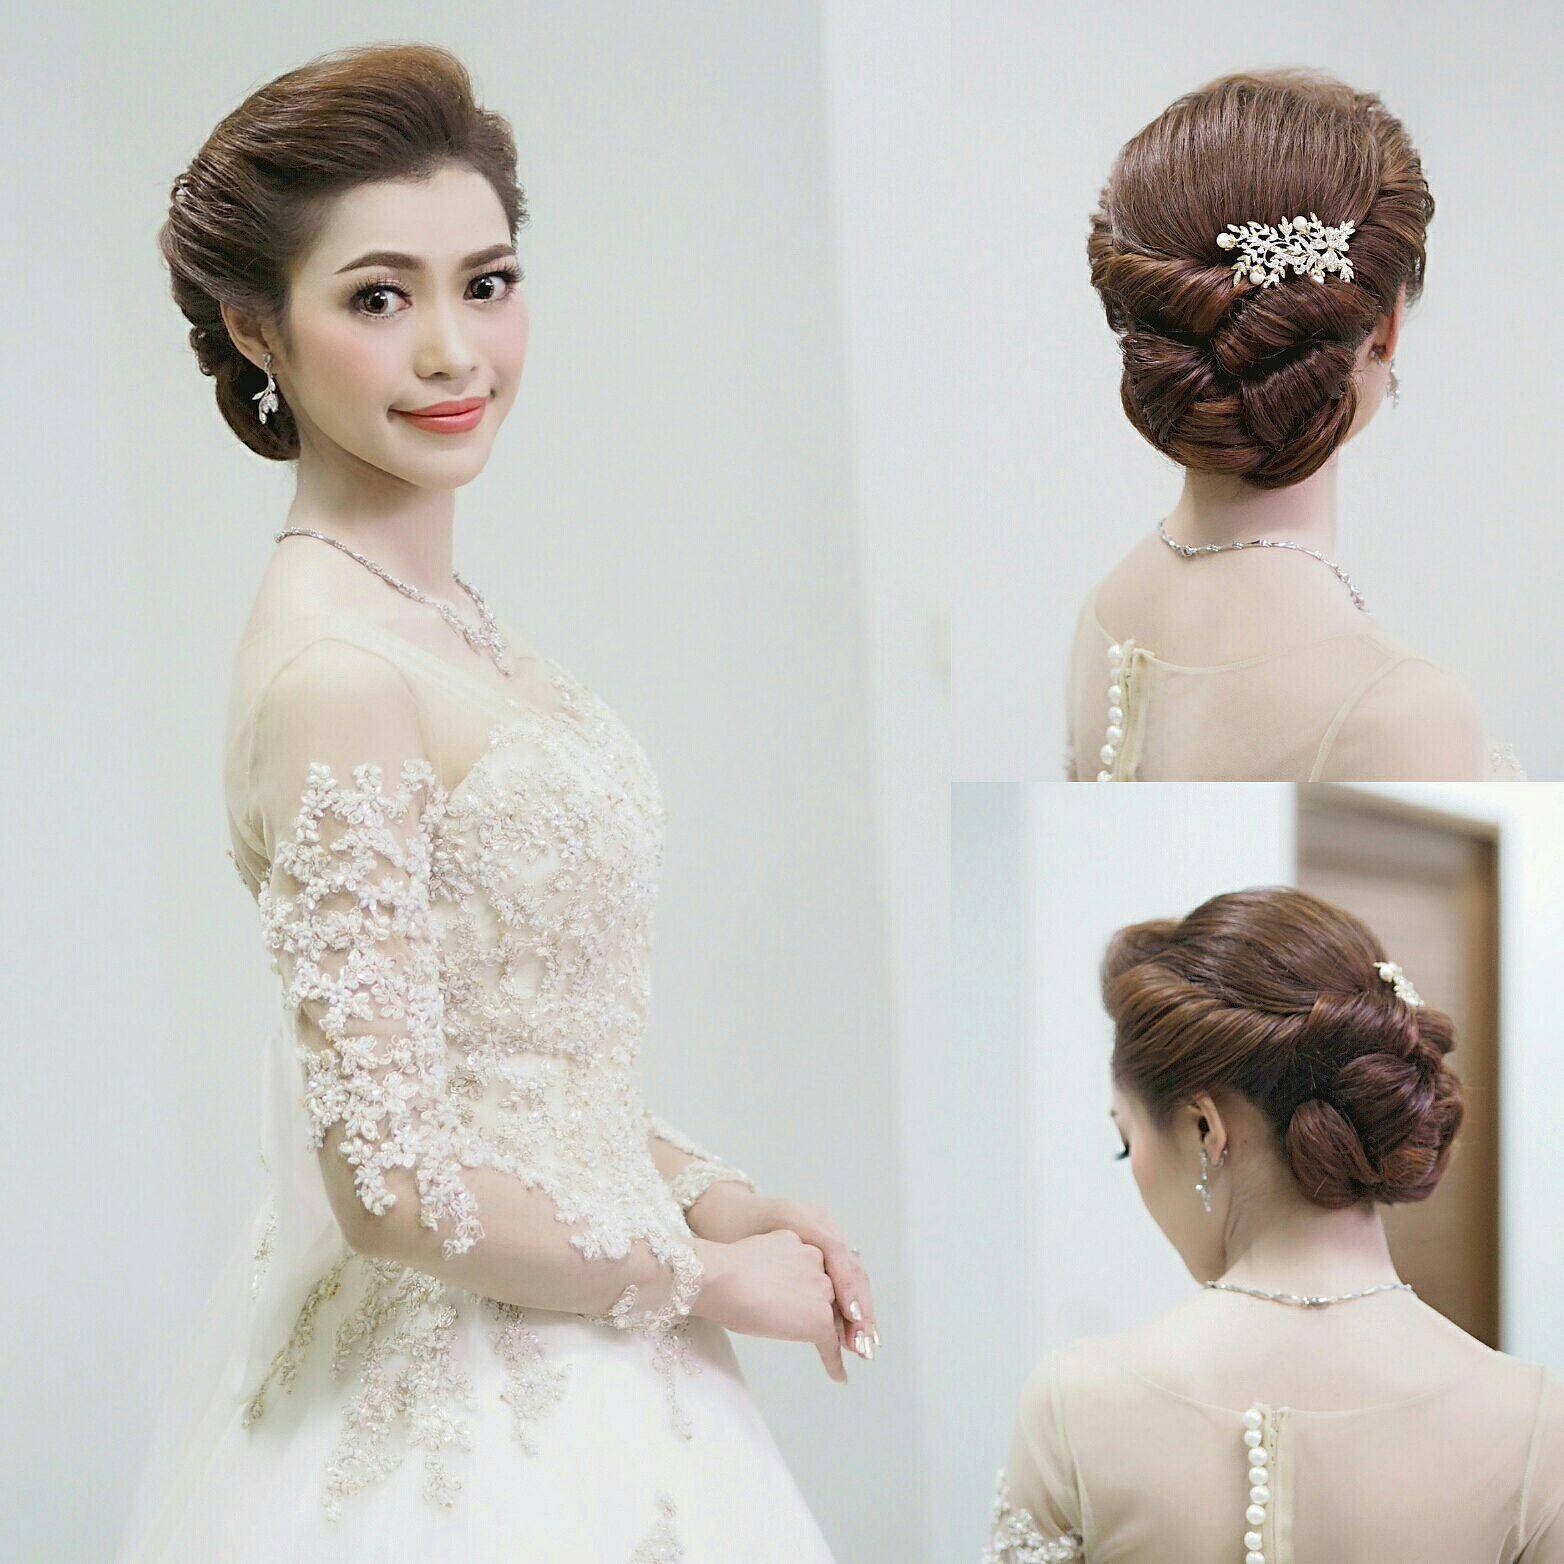 เกล้าผมเจ้าสาว #bridal line : mud2982405 tel. 0972982405 #hairstyle ...